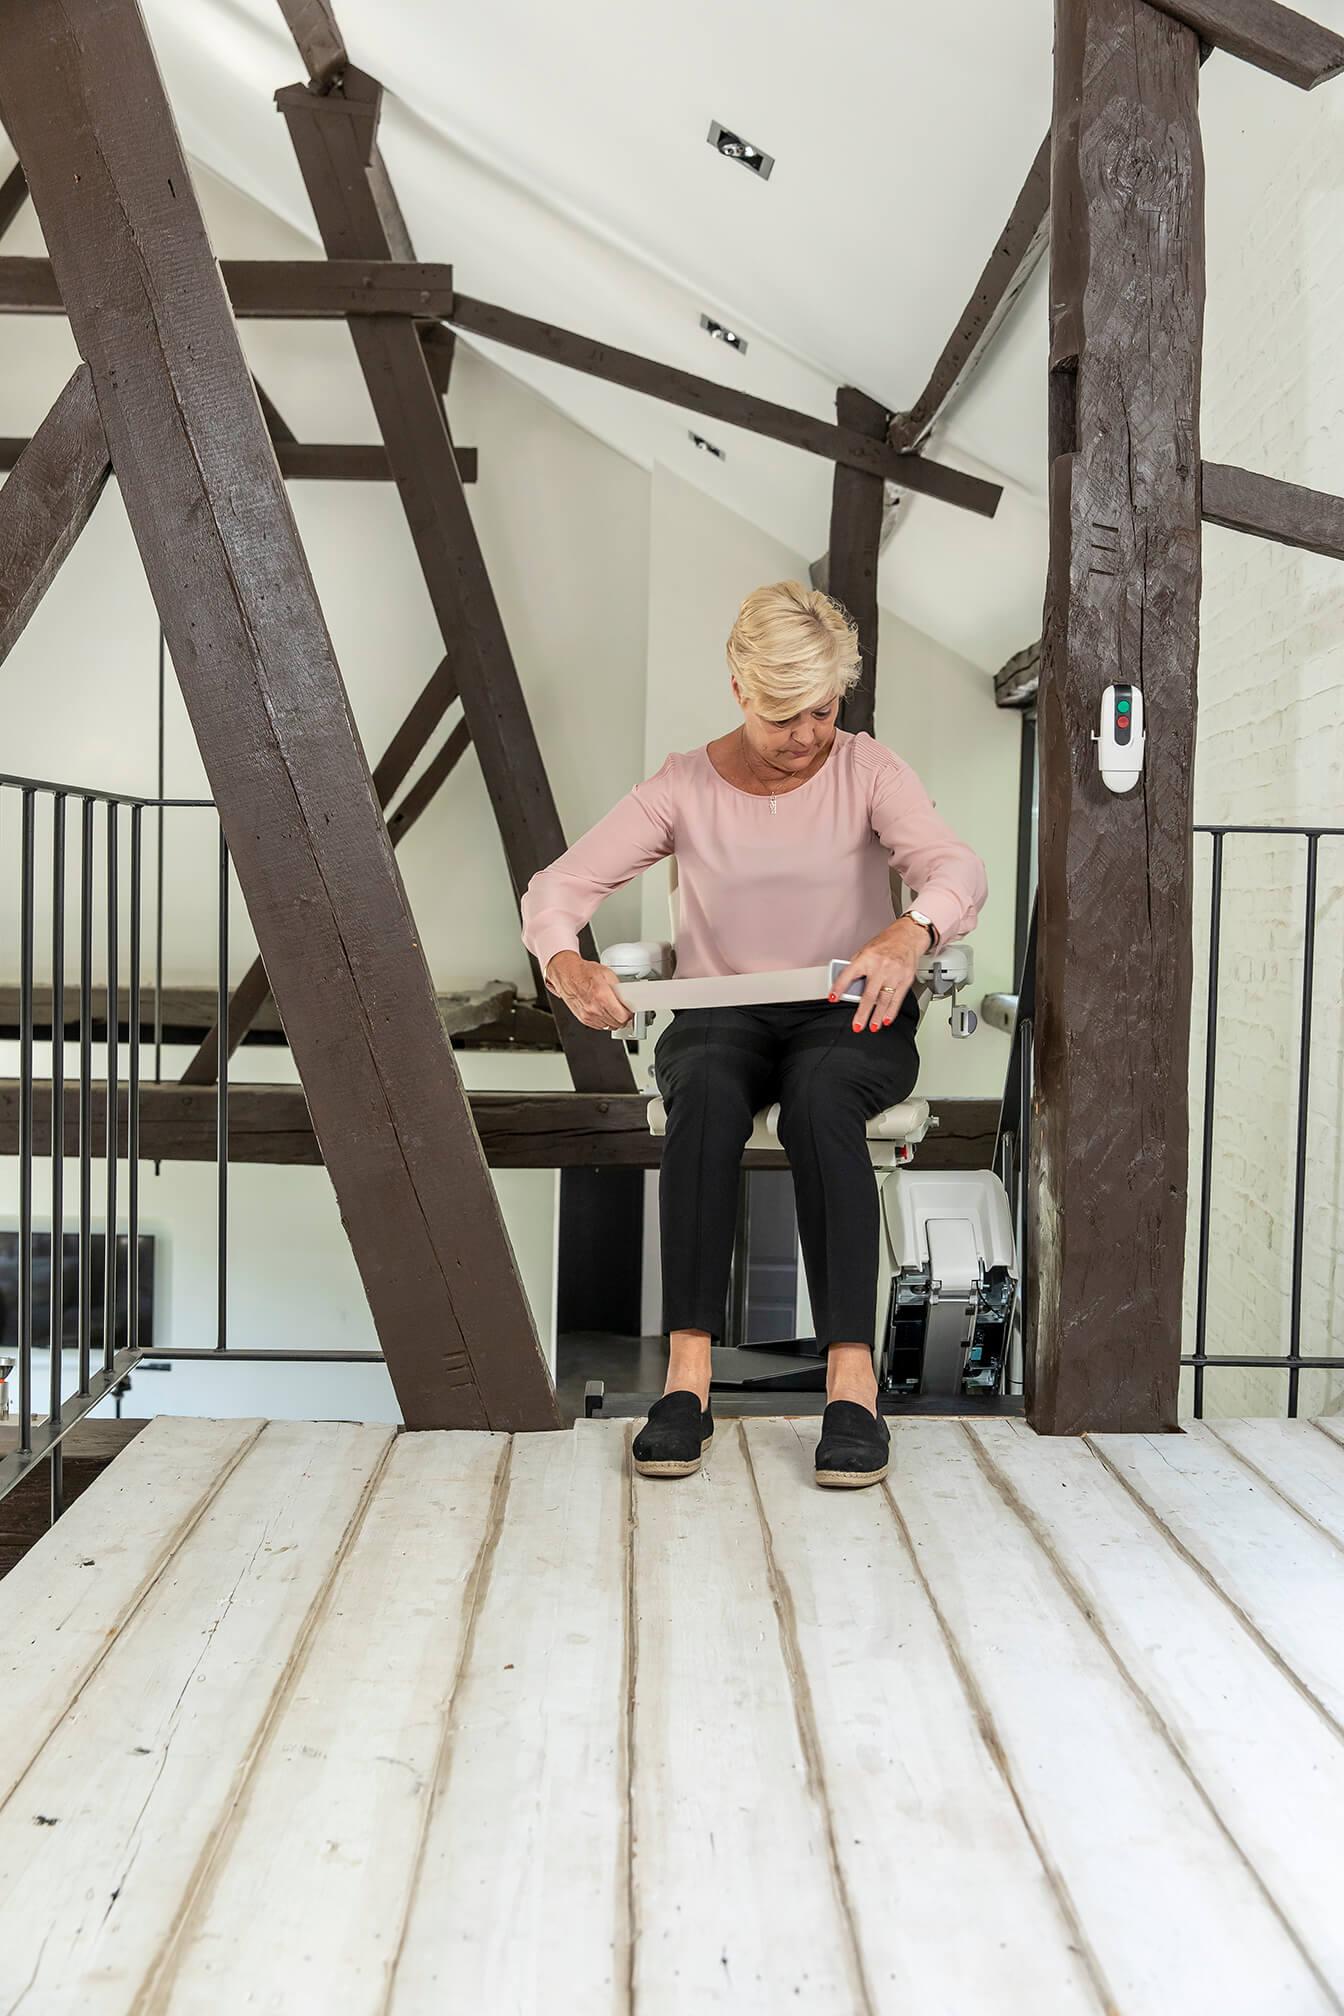 Femme qui s'installe dans un siège monte-escalier